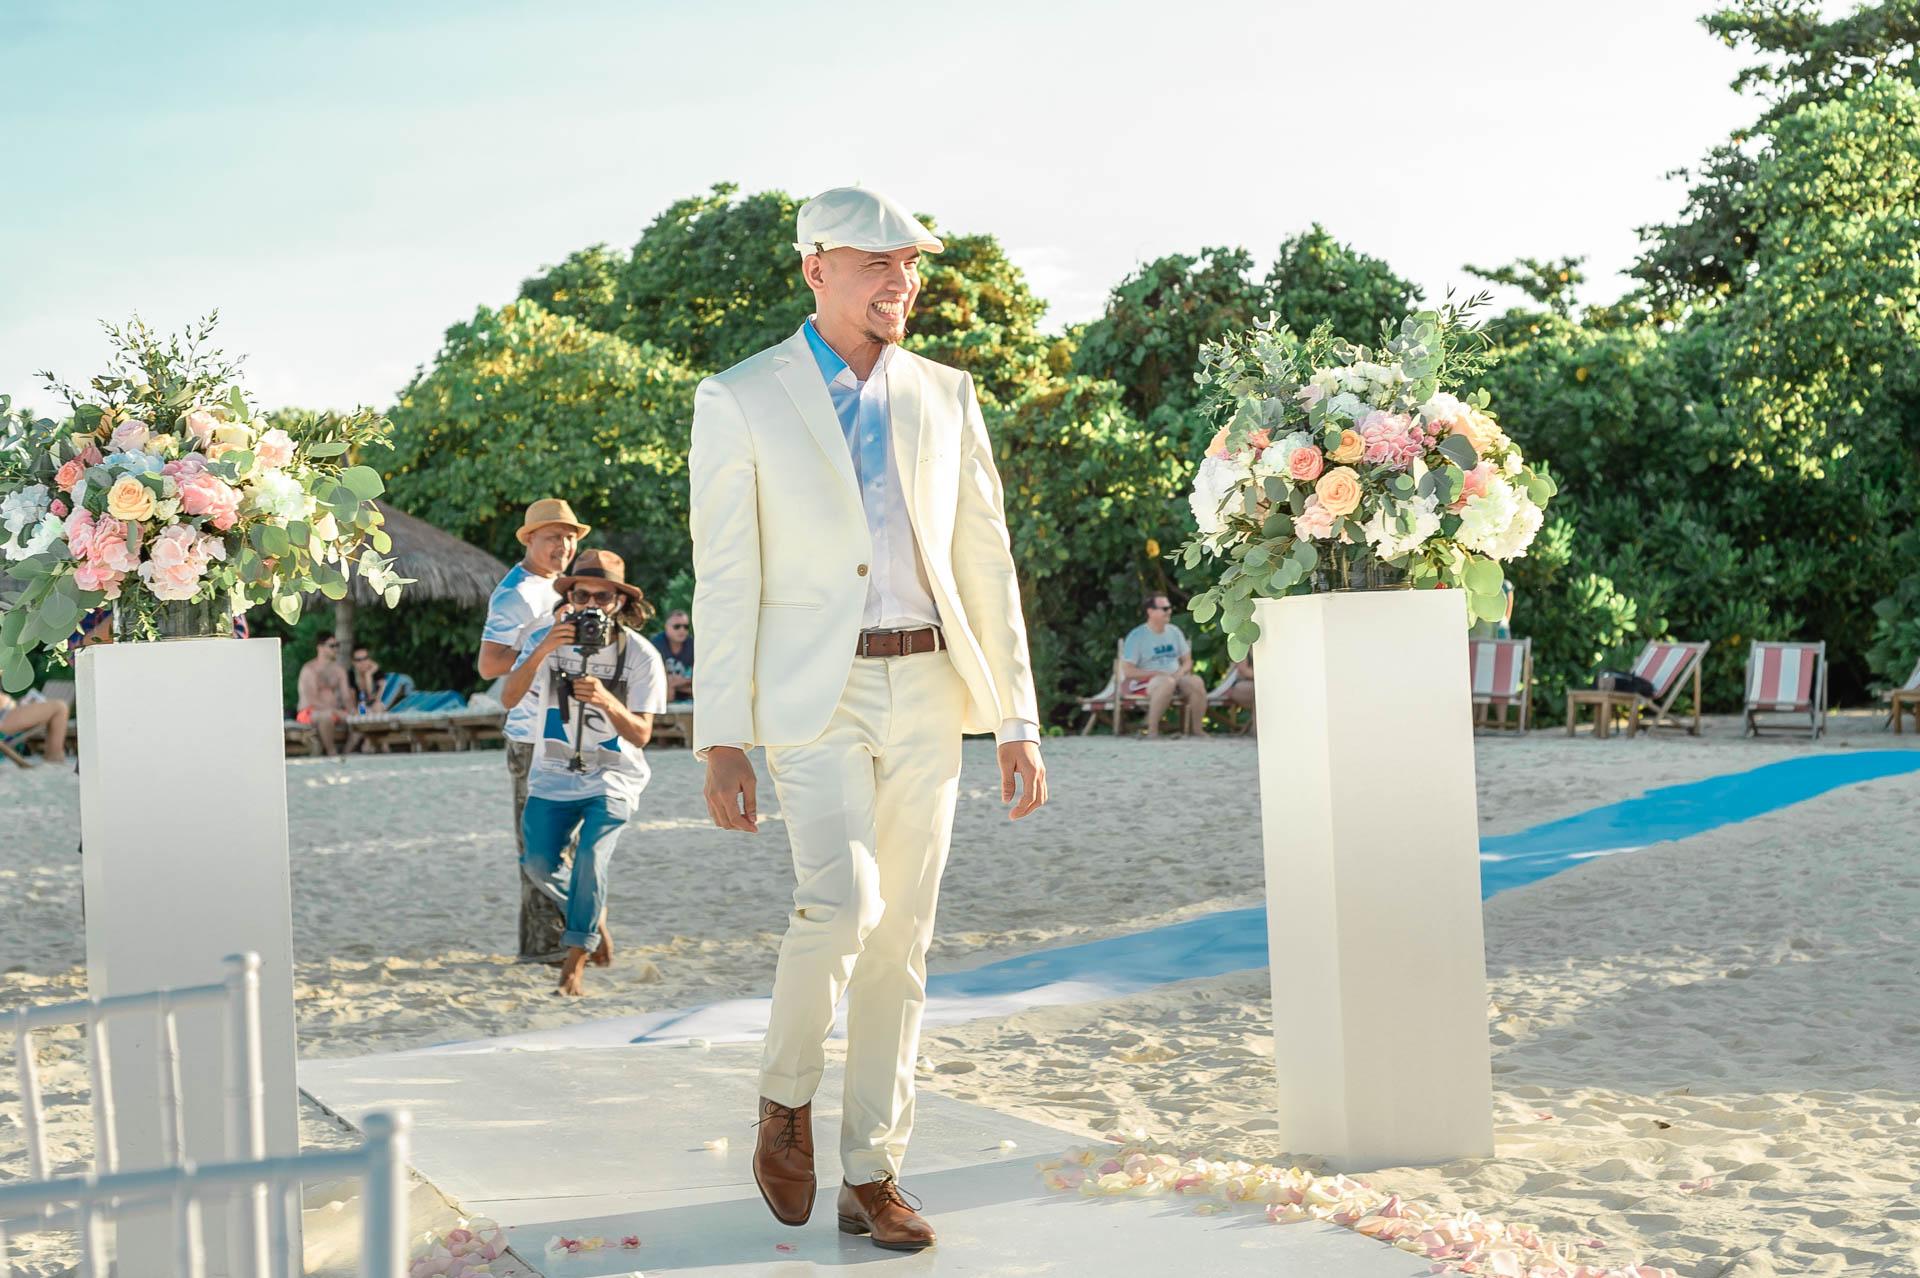 Nuah Angel Maldives Wedding at Reethi Faru Resort by Asad 278